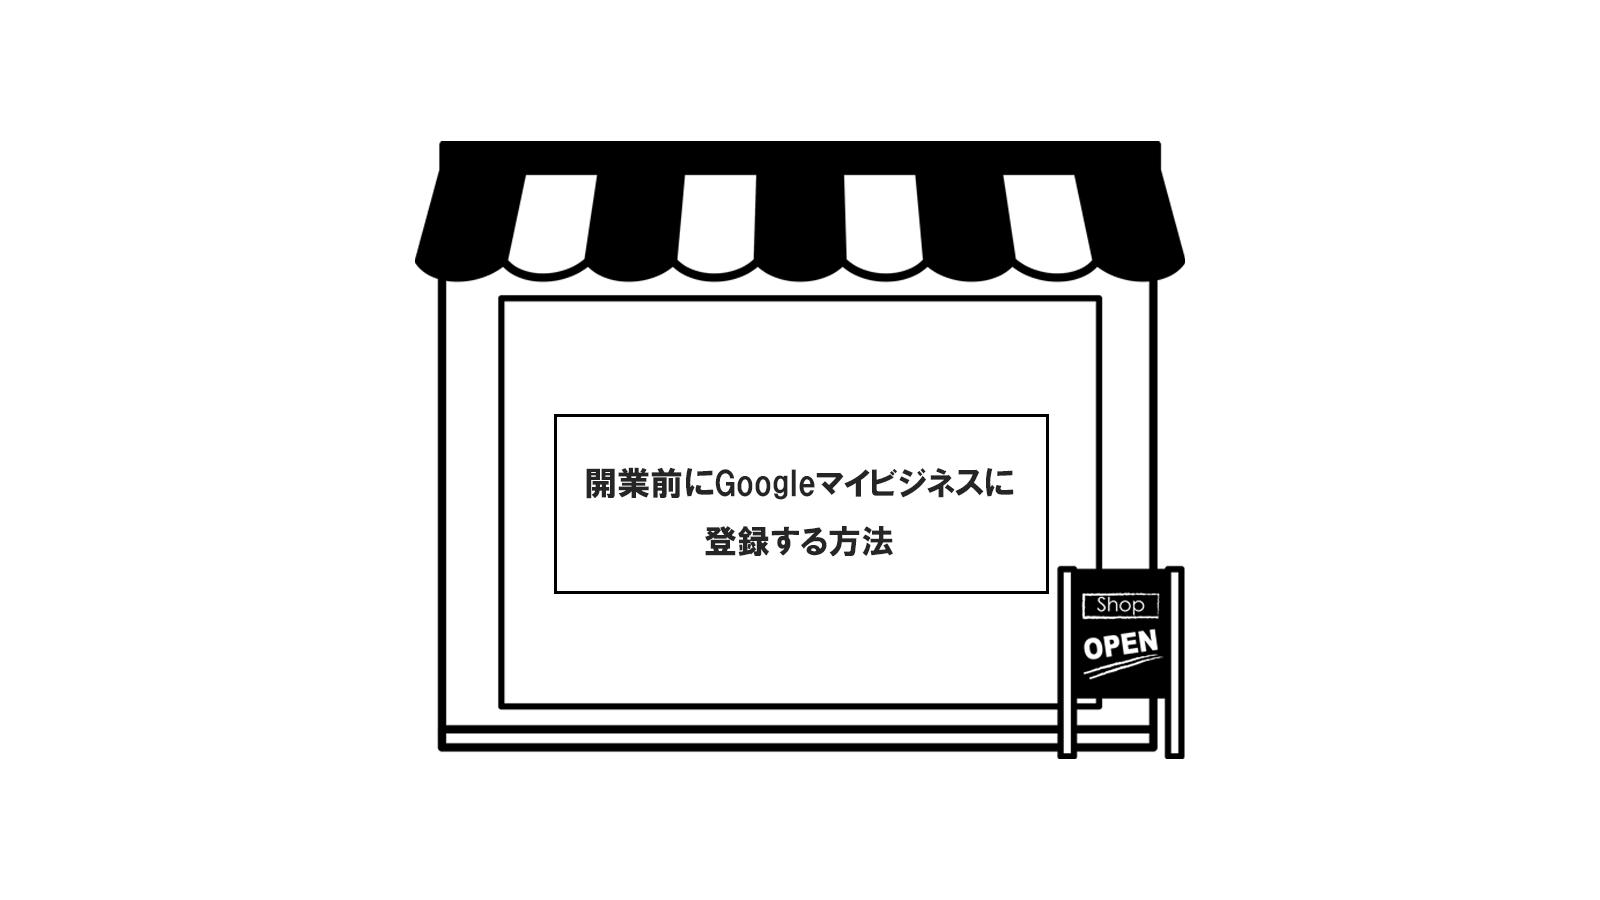 開業前にGoogleマイビジネスに登録する方法